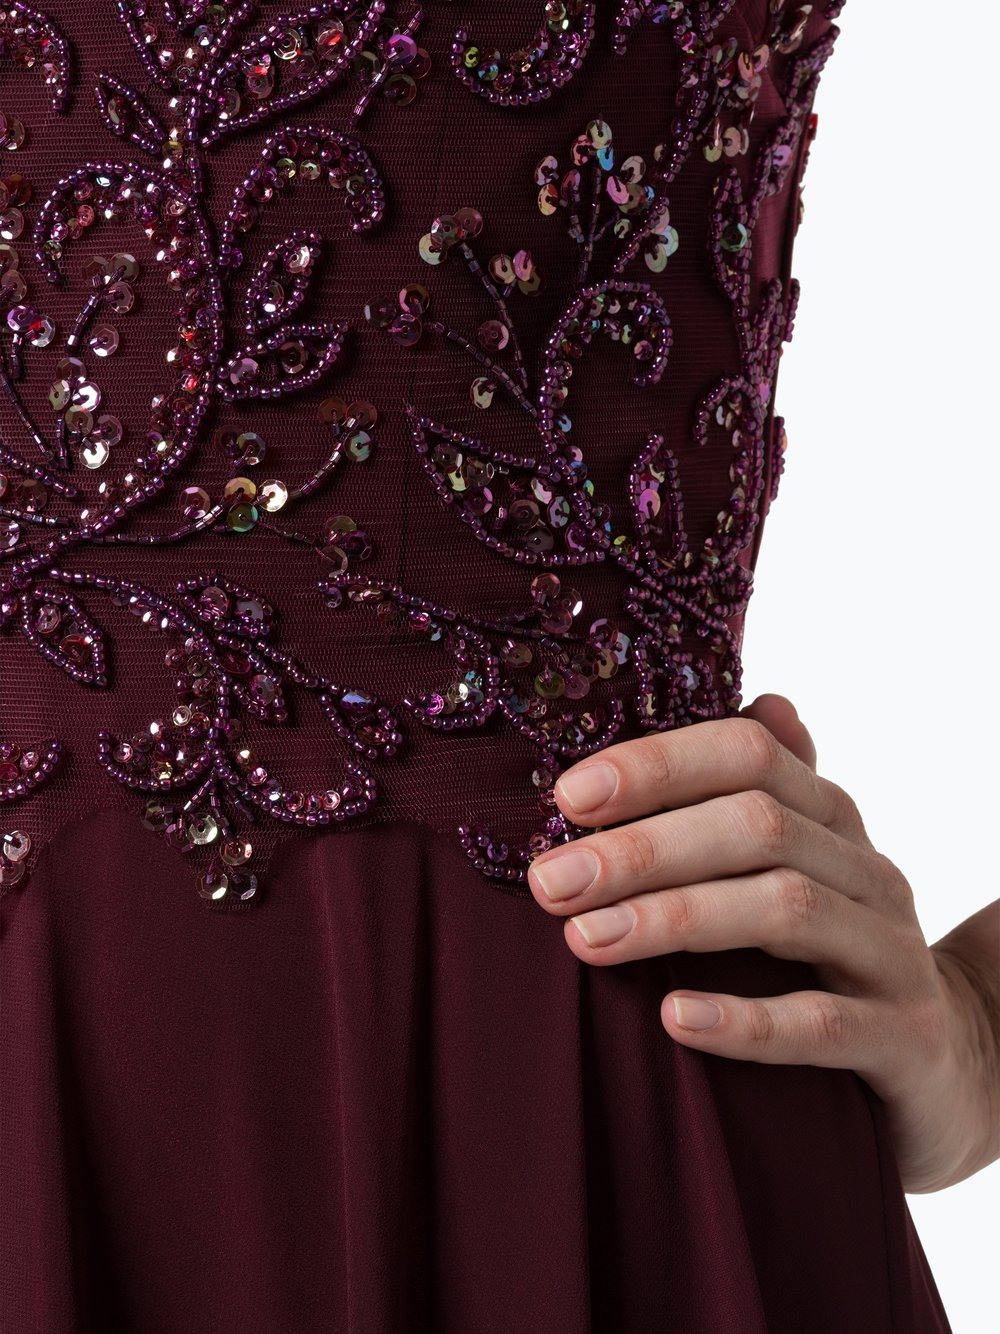 10 Wunderbar Niente Abendkleid Bordeaux GalerieFormal Ausgezeichnet Niente Abendkleid Bordeaux Stylish